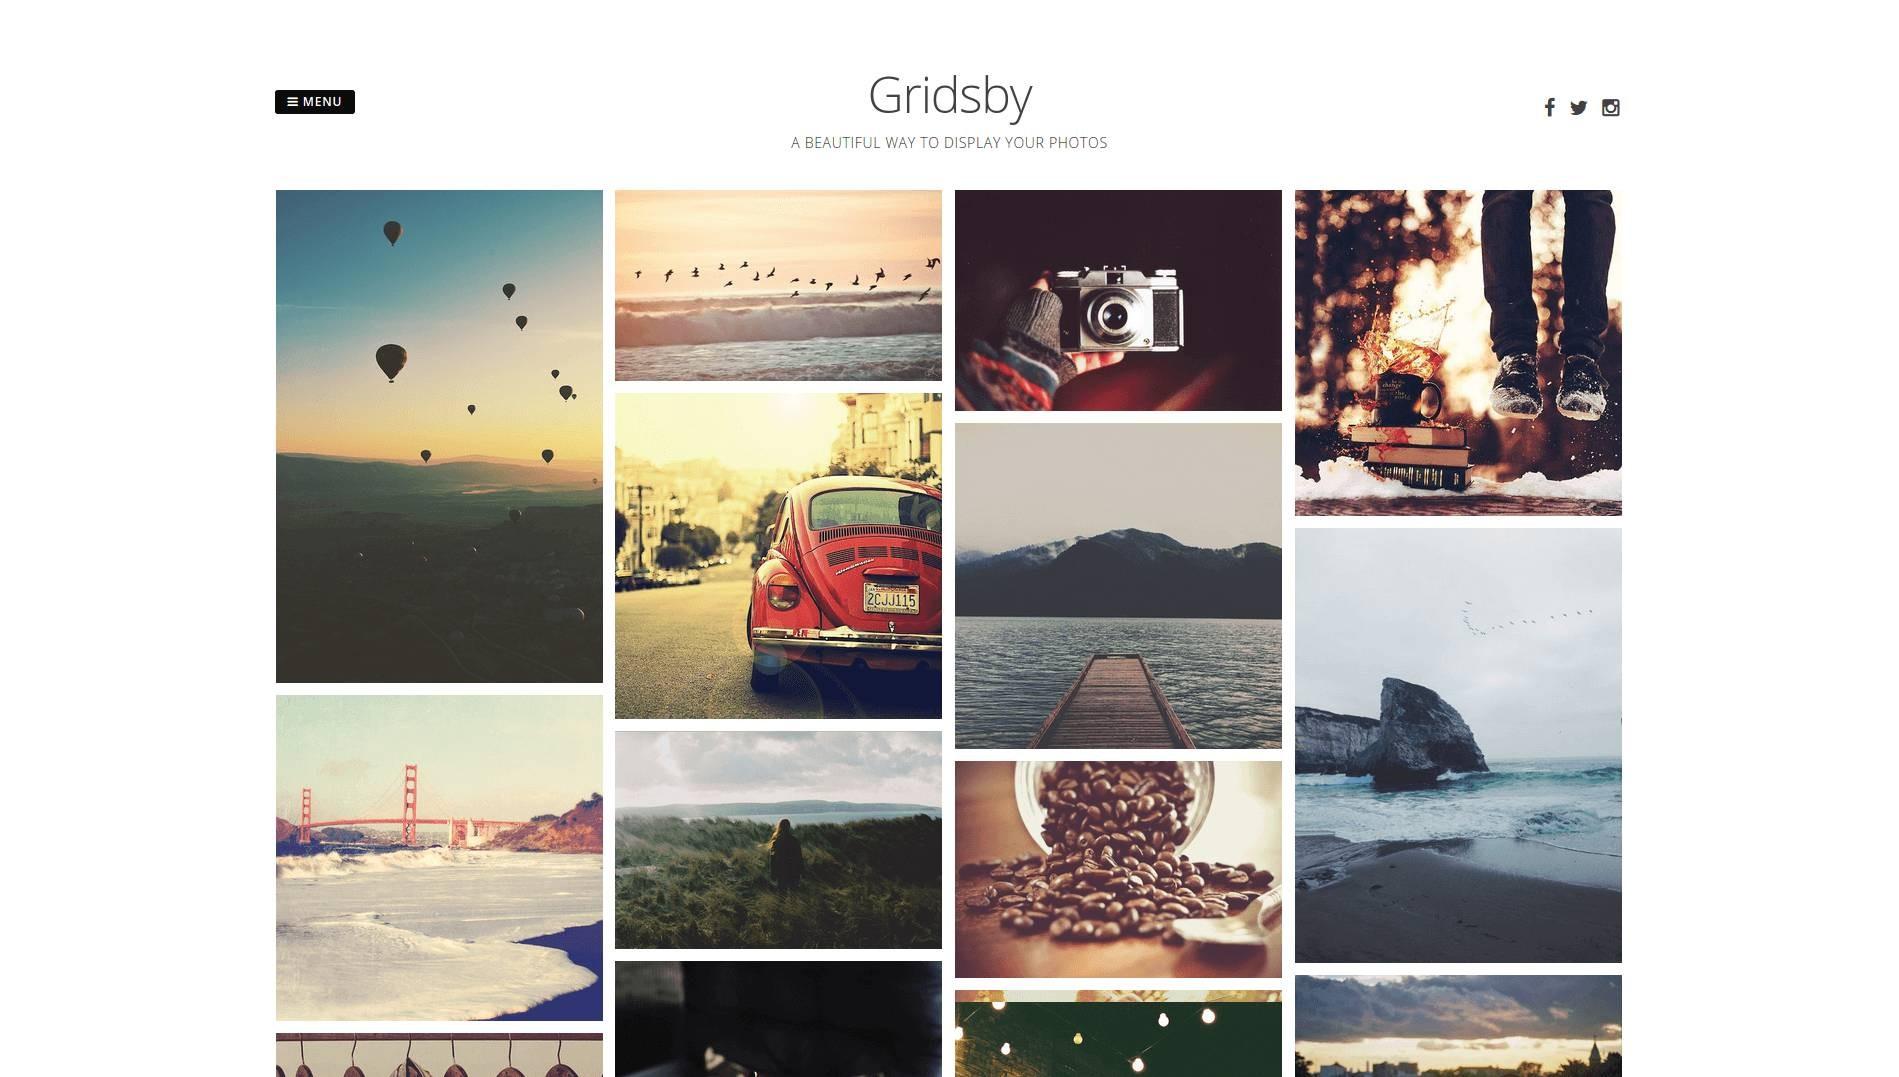 19_gridsby.jpg